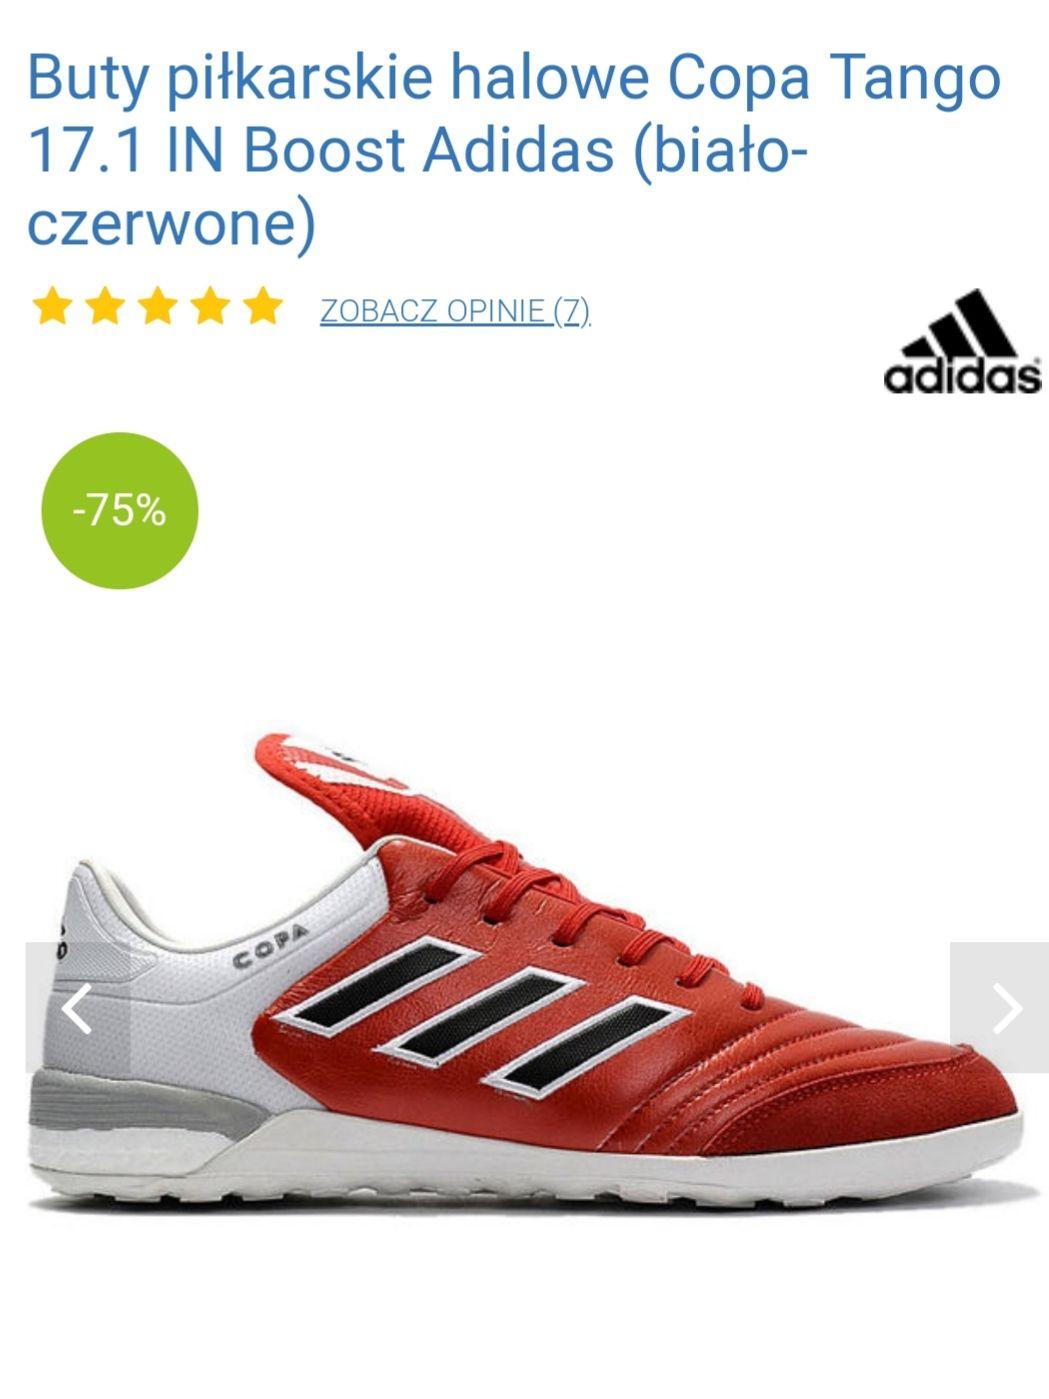 Buty piłkarskie halowe Copa Tango 17.1 IN Boost Adidas Tylko 45 1/3, 46